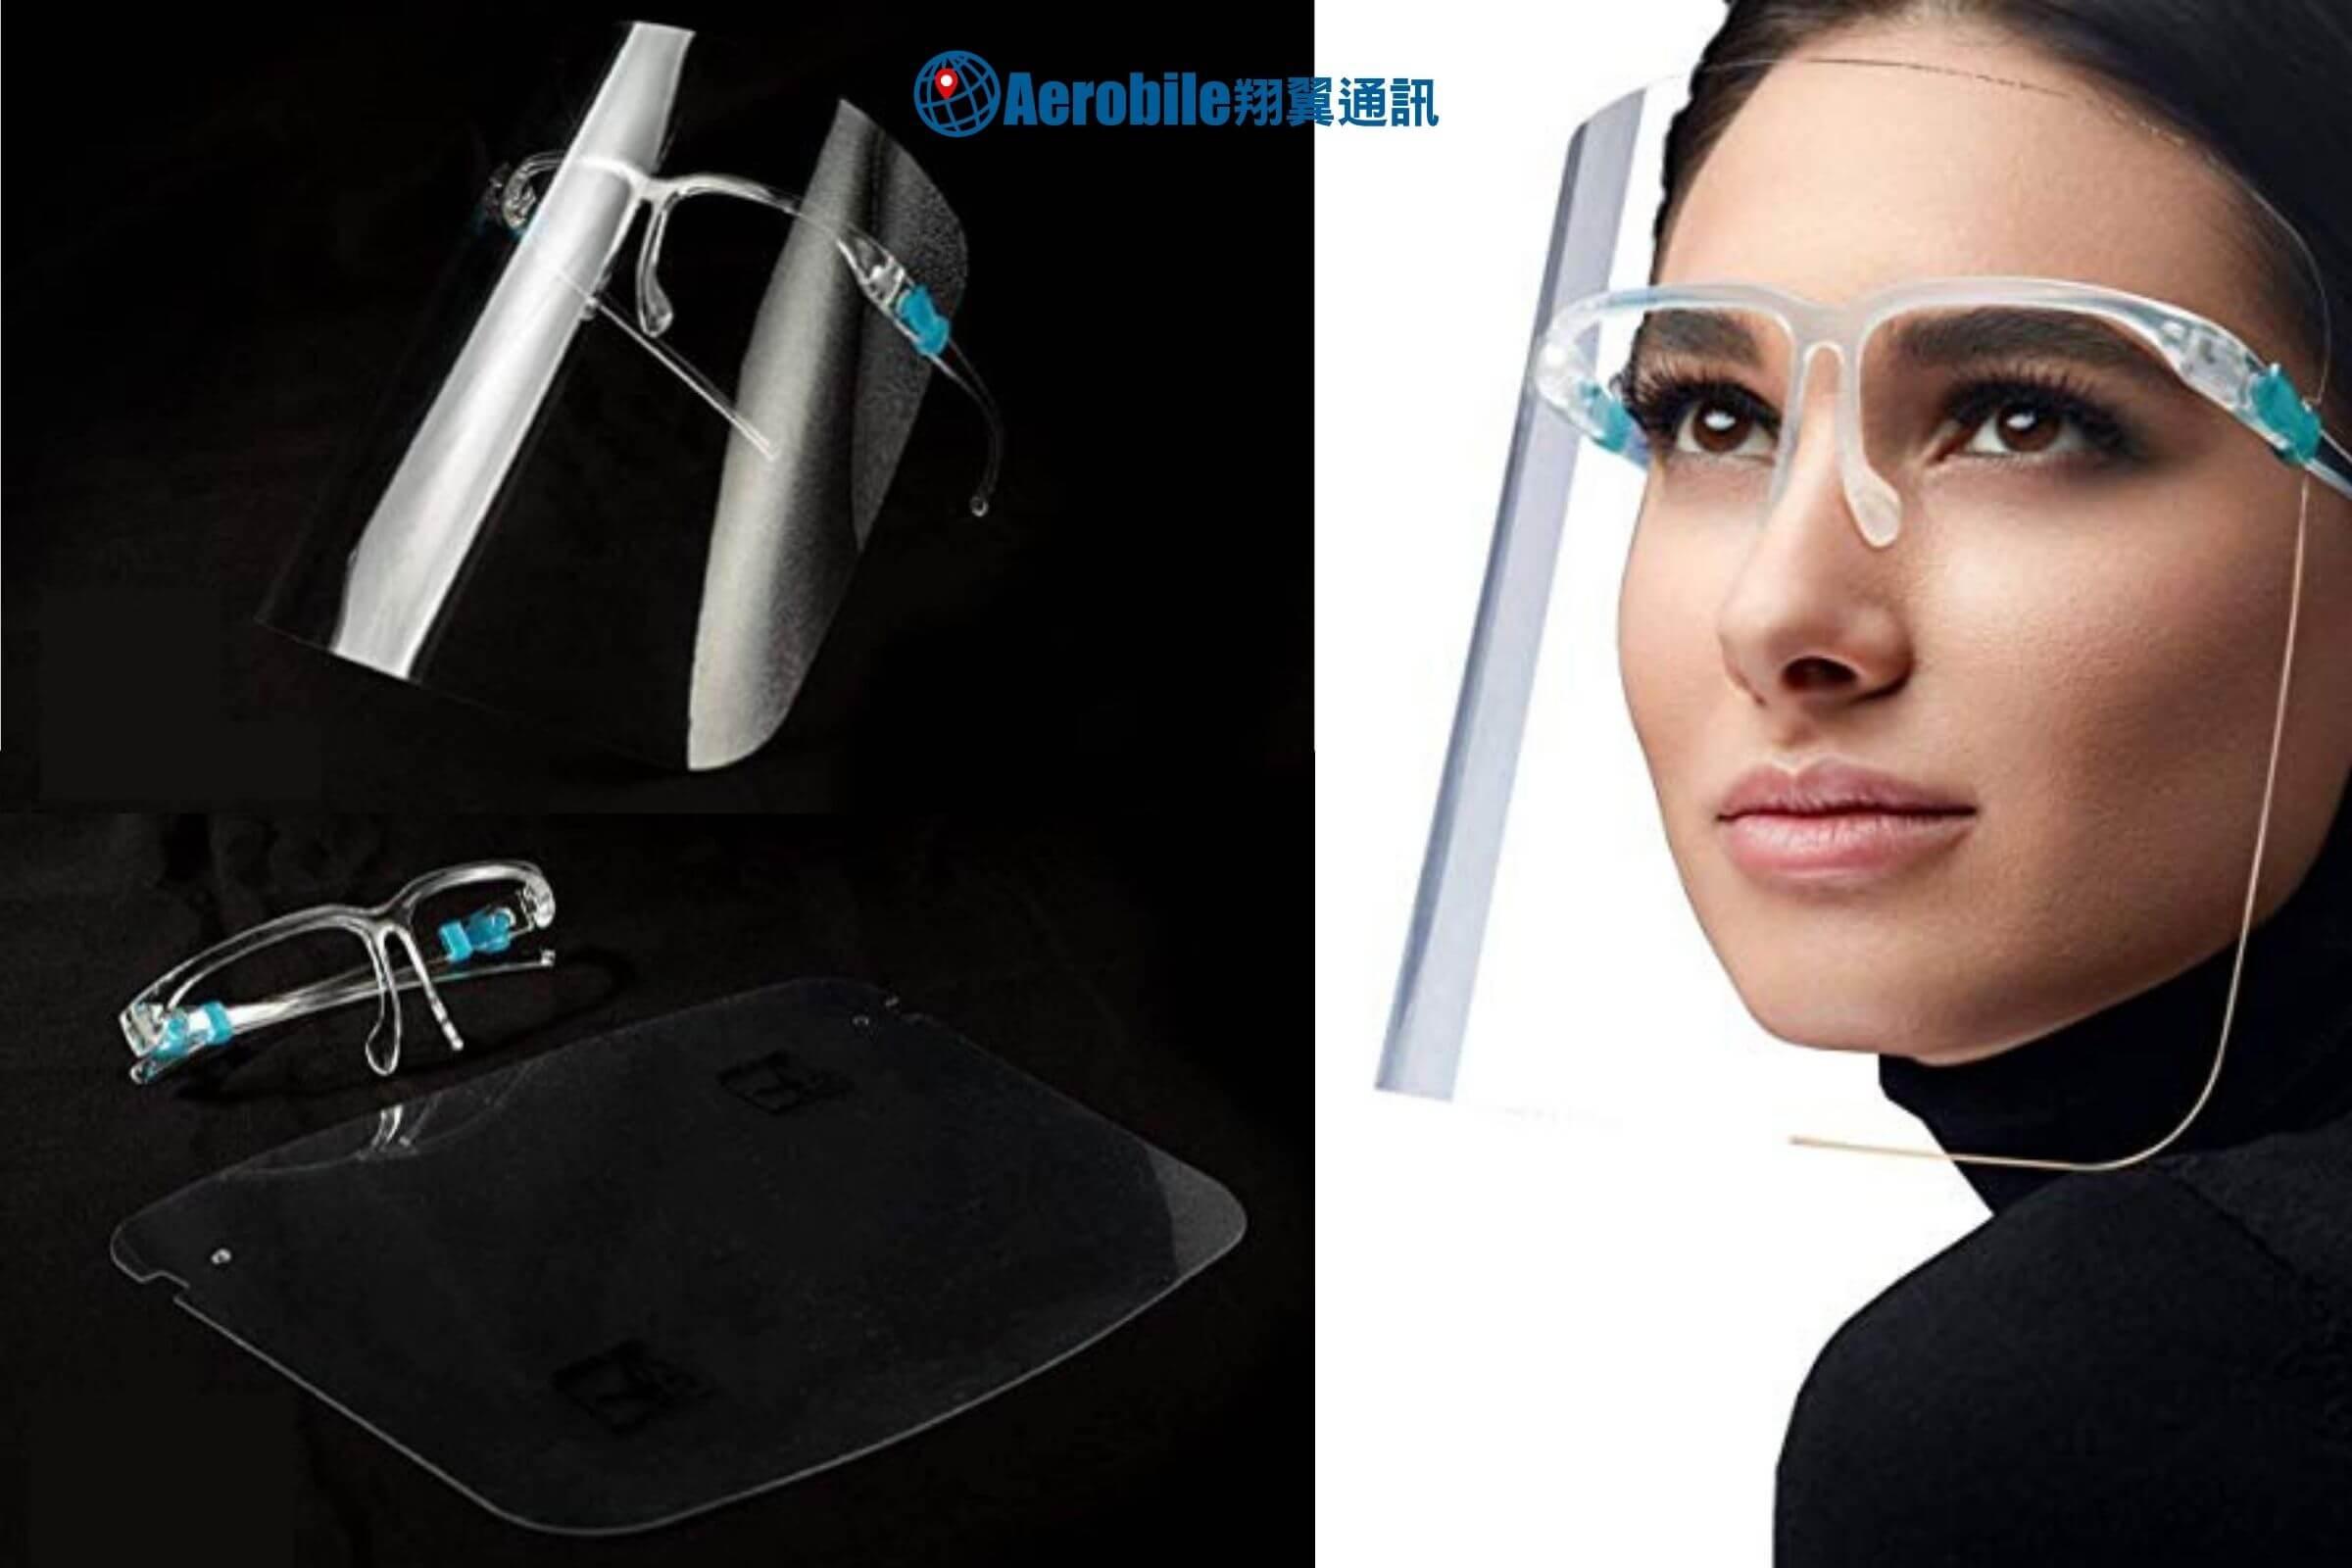 透明抗飛沫防霧組裝式防疫面罩(防護面罩)